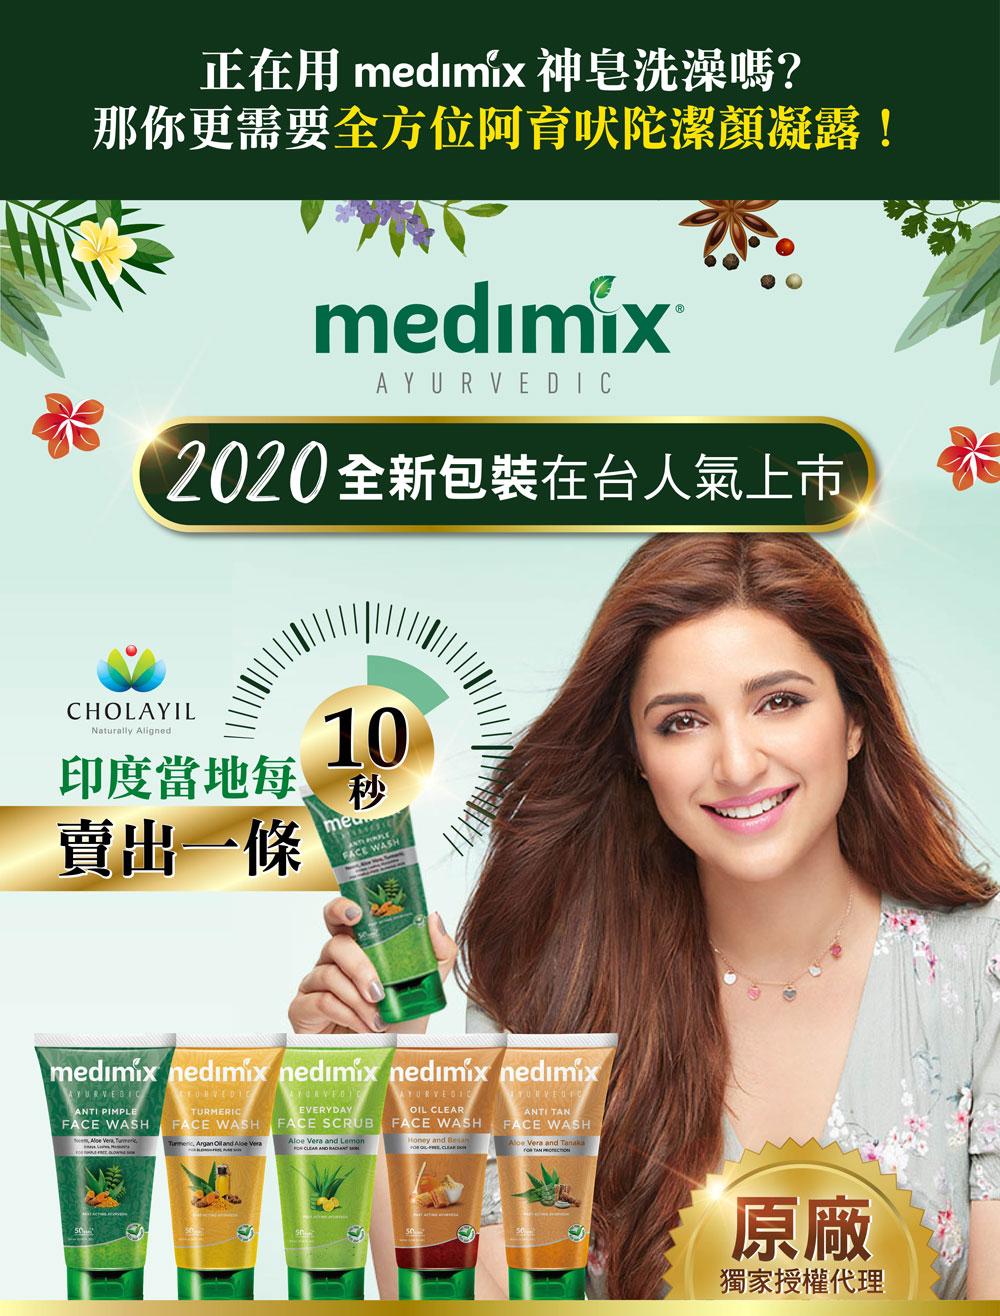 medimixfacewash-01